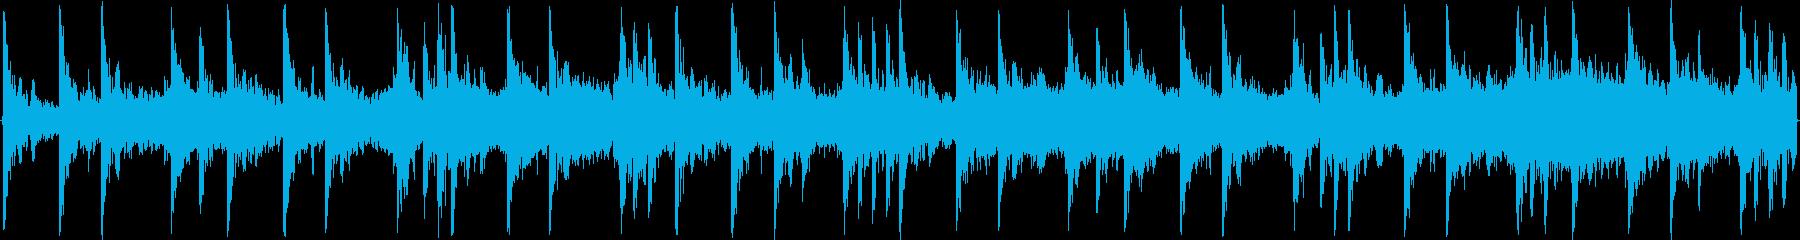 ハウスのリズムを強調した楽曲です。の再生済みの波形